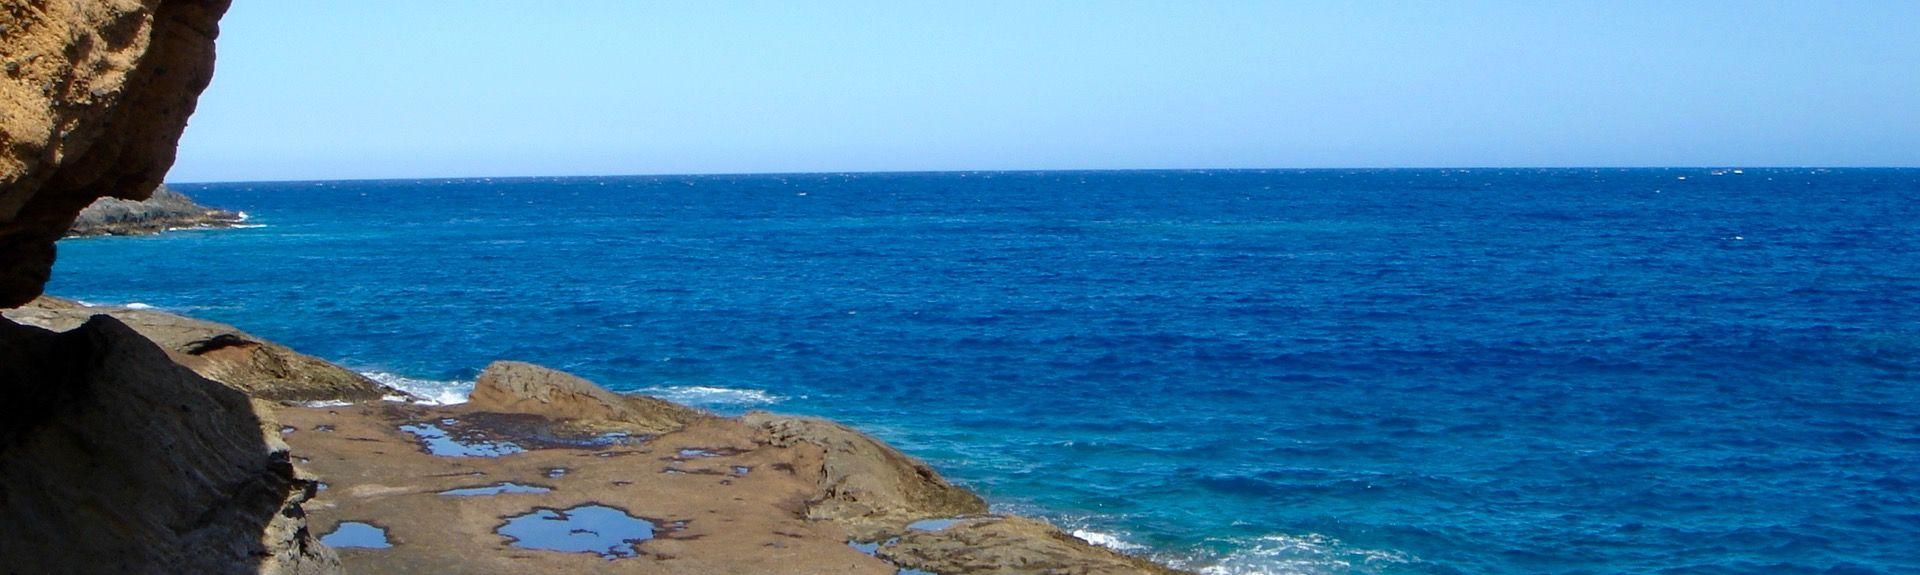 Costa Adeje, Wyspy Kanaryjskie, Hiszpania